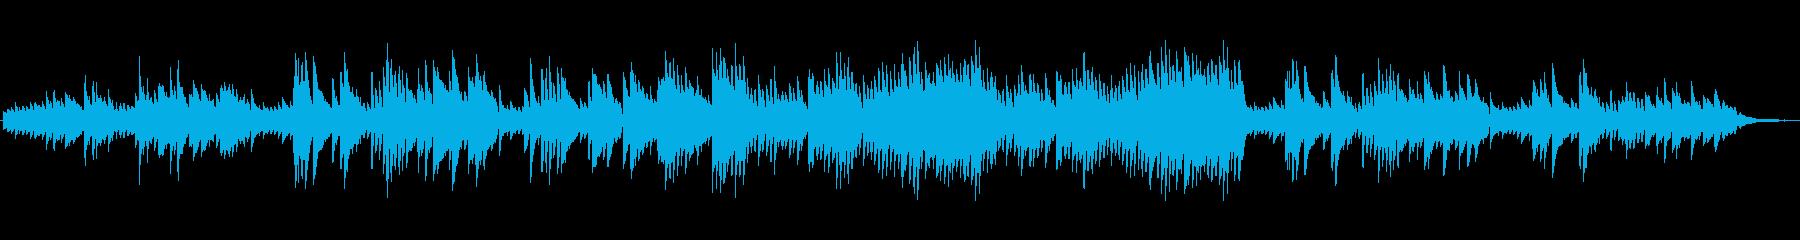 代替案 ポップ 現代的 交響曲 ド...の再生済みの波形